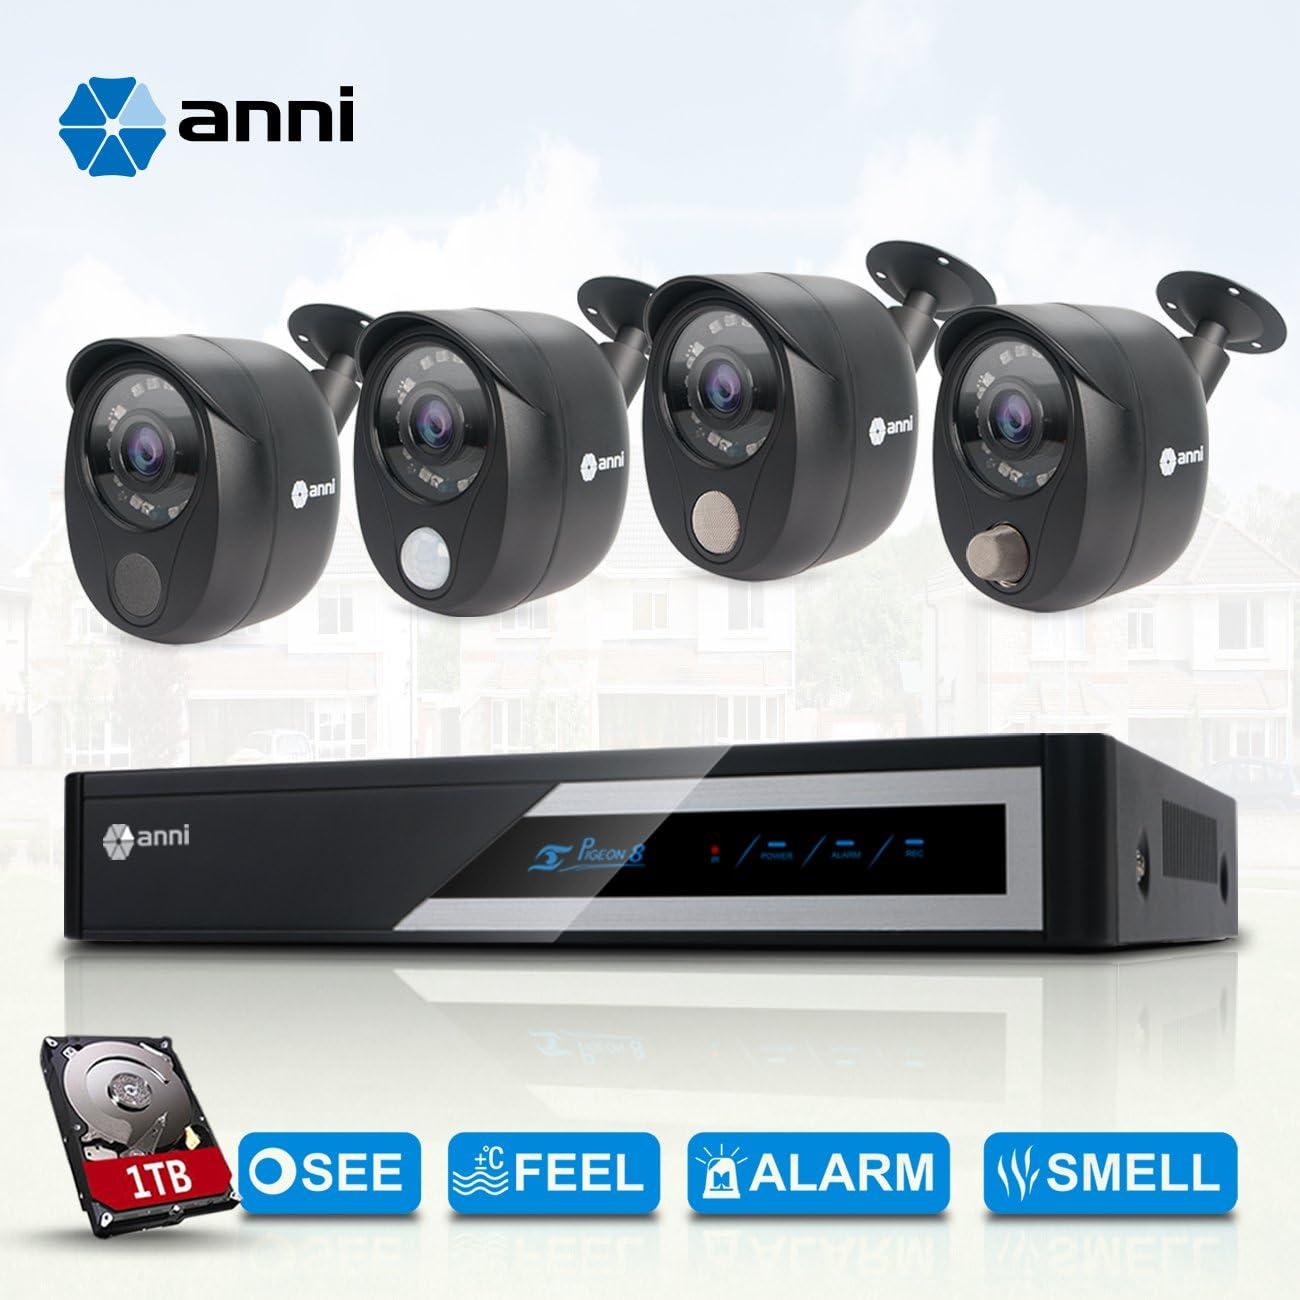 4 x 1080P 2.0MP c/ámara HD Imagen camaras de vigilancia Sistema de Seguridad,with 1TB HDD detecci/ón de Cuerpo PIR IR-Cut Anni CCTV Kit de vigilancia 8CH 1080P AHD DVR Kit